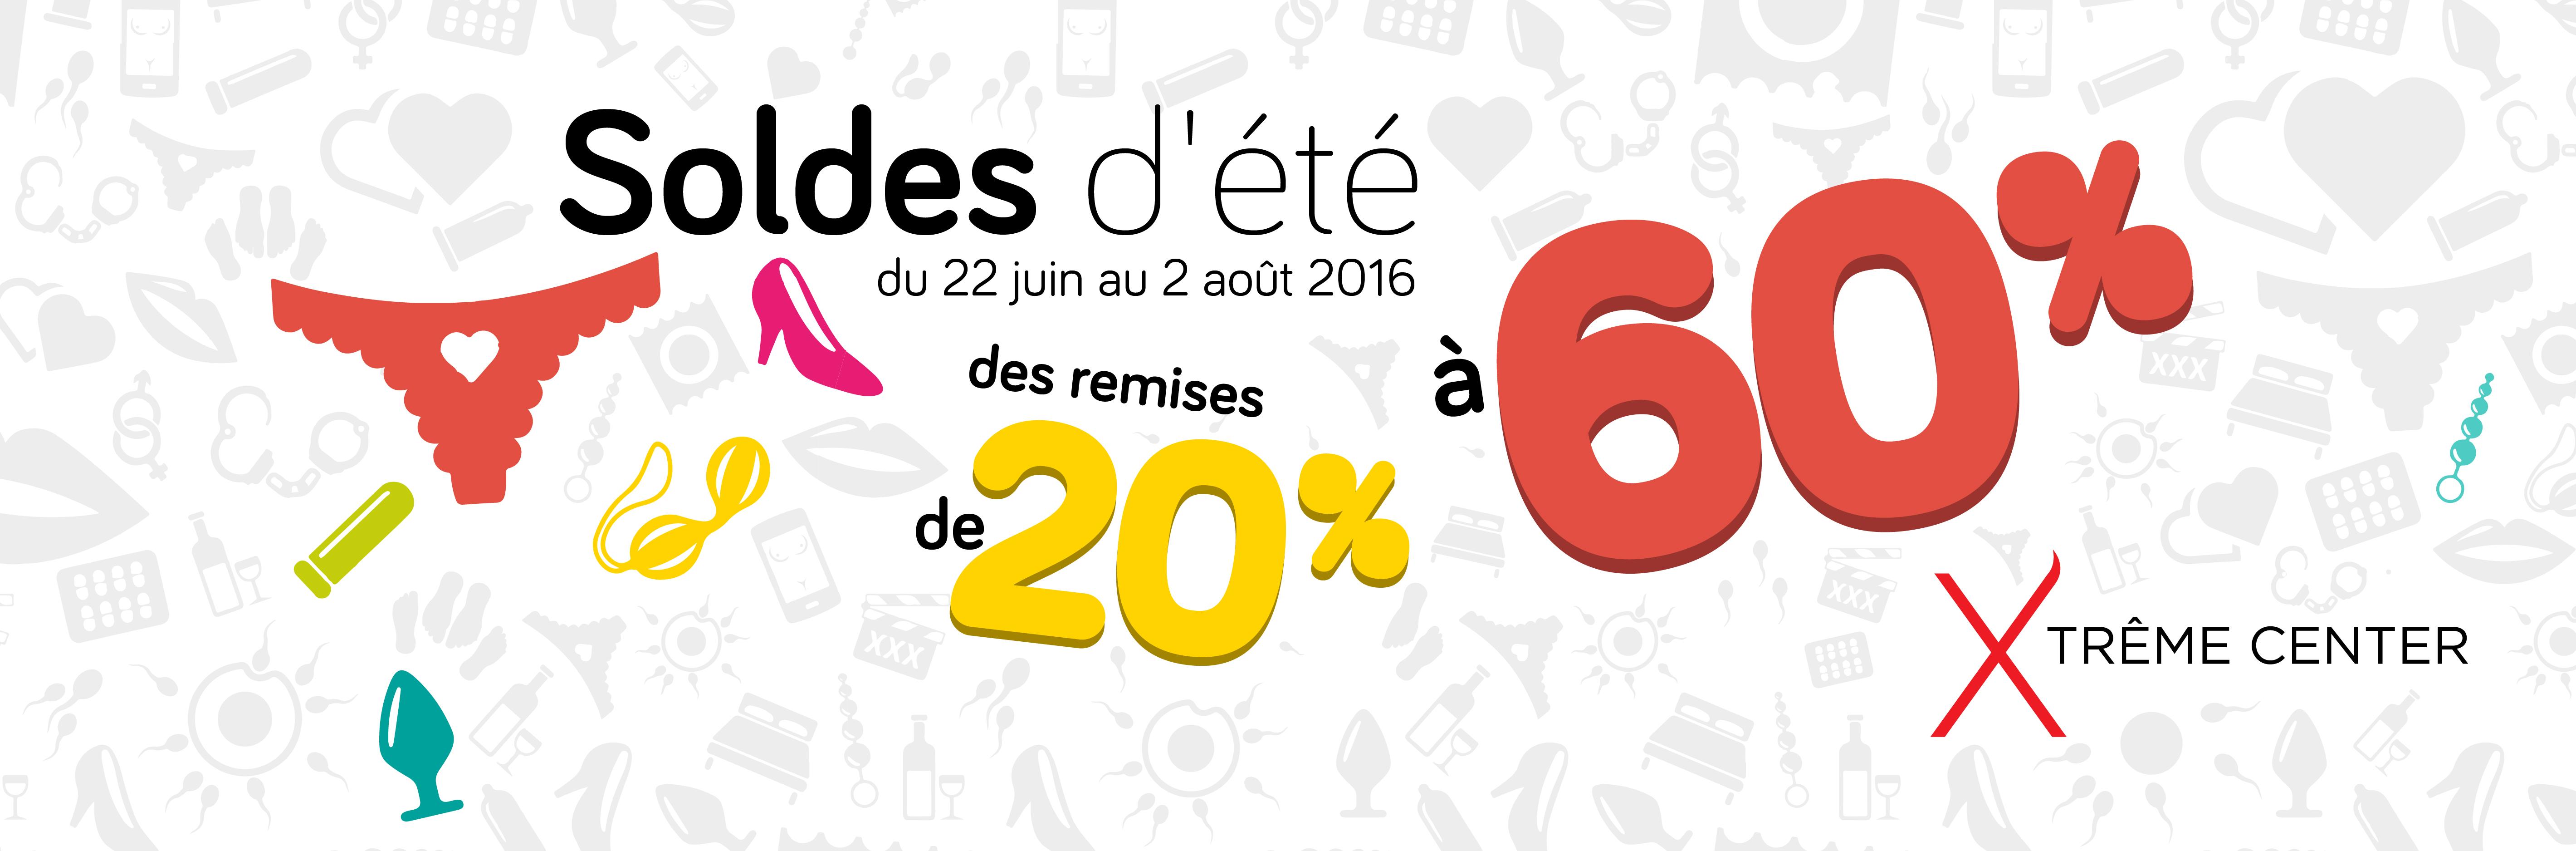 BANNIERE-SITESOLDES-ETE-2016-01